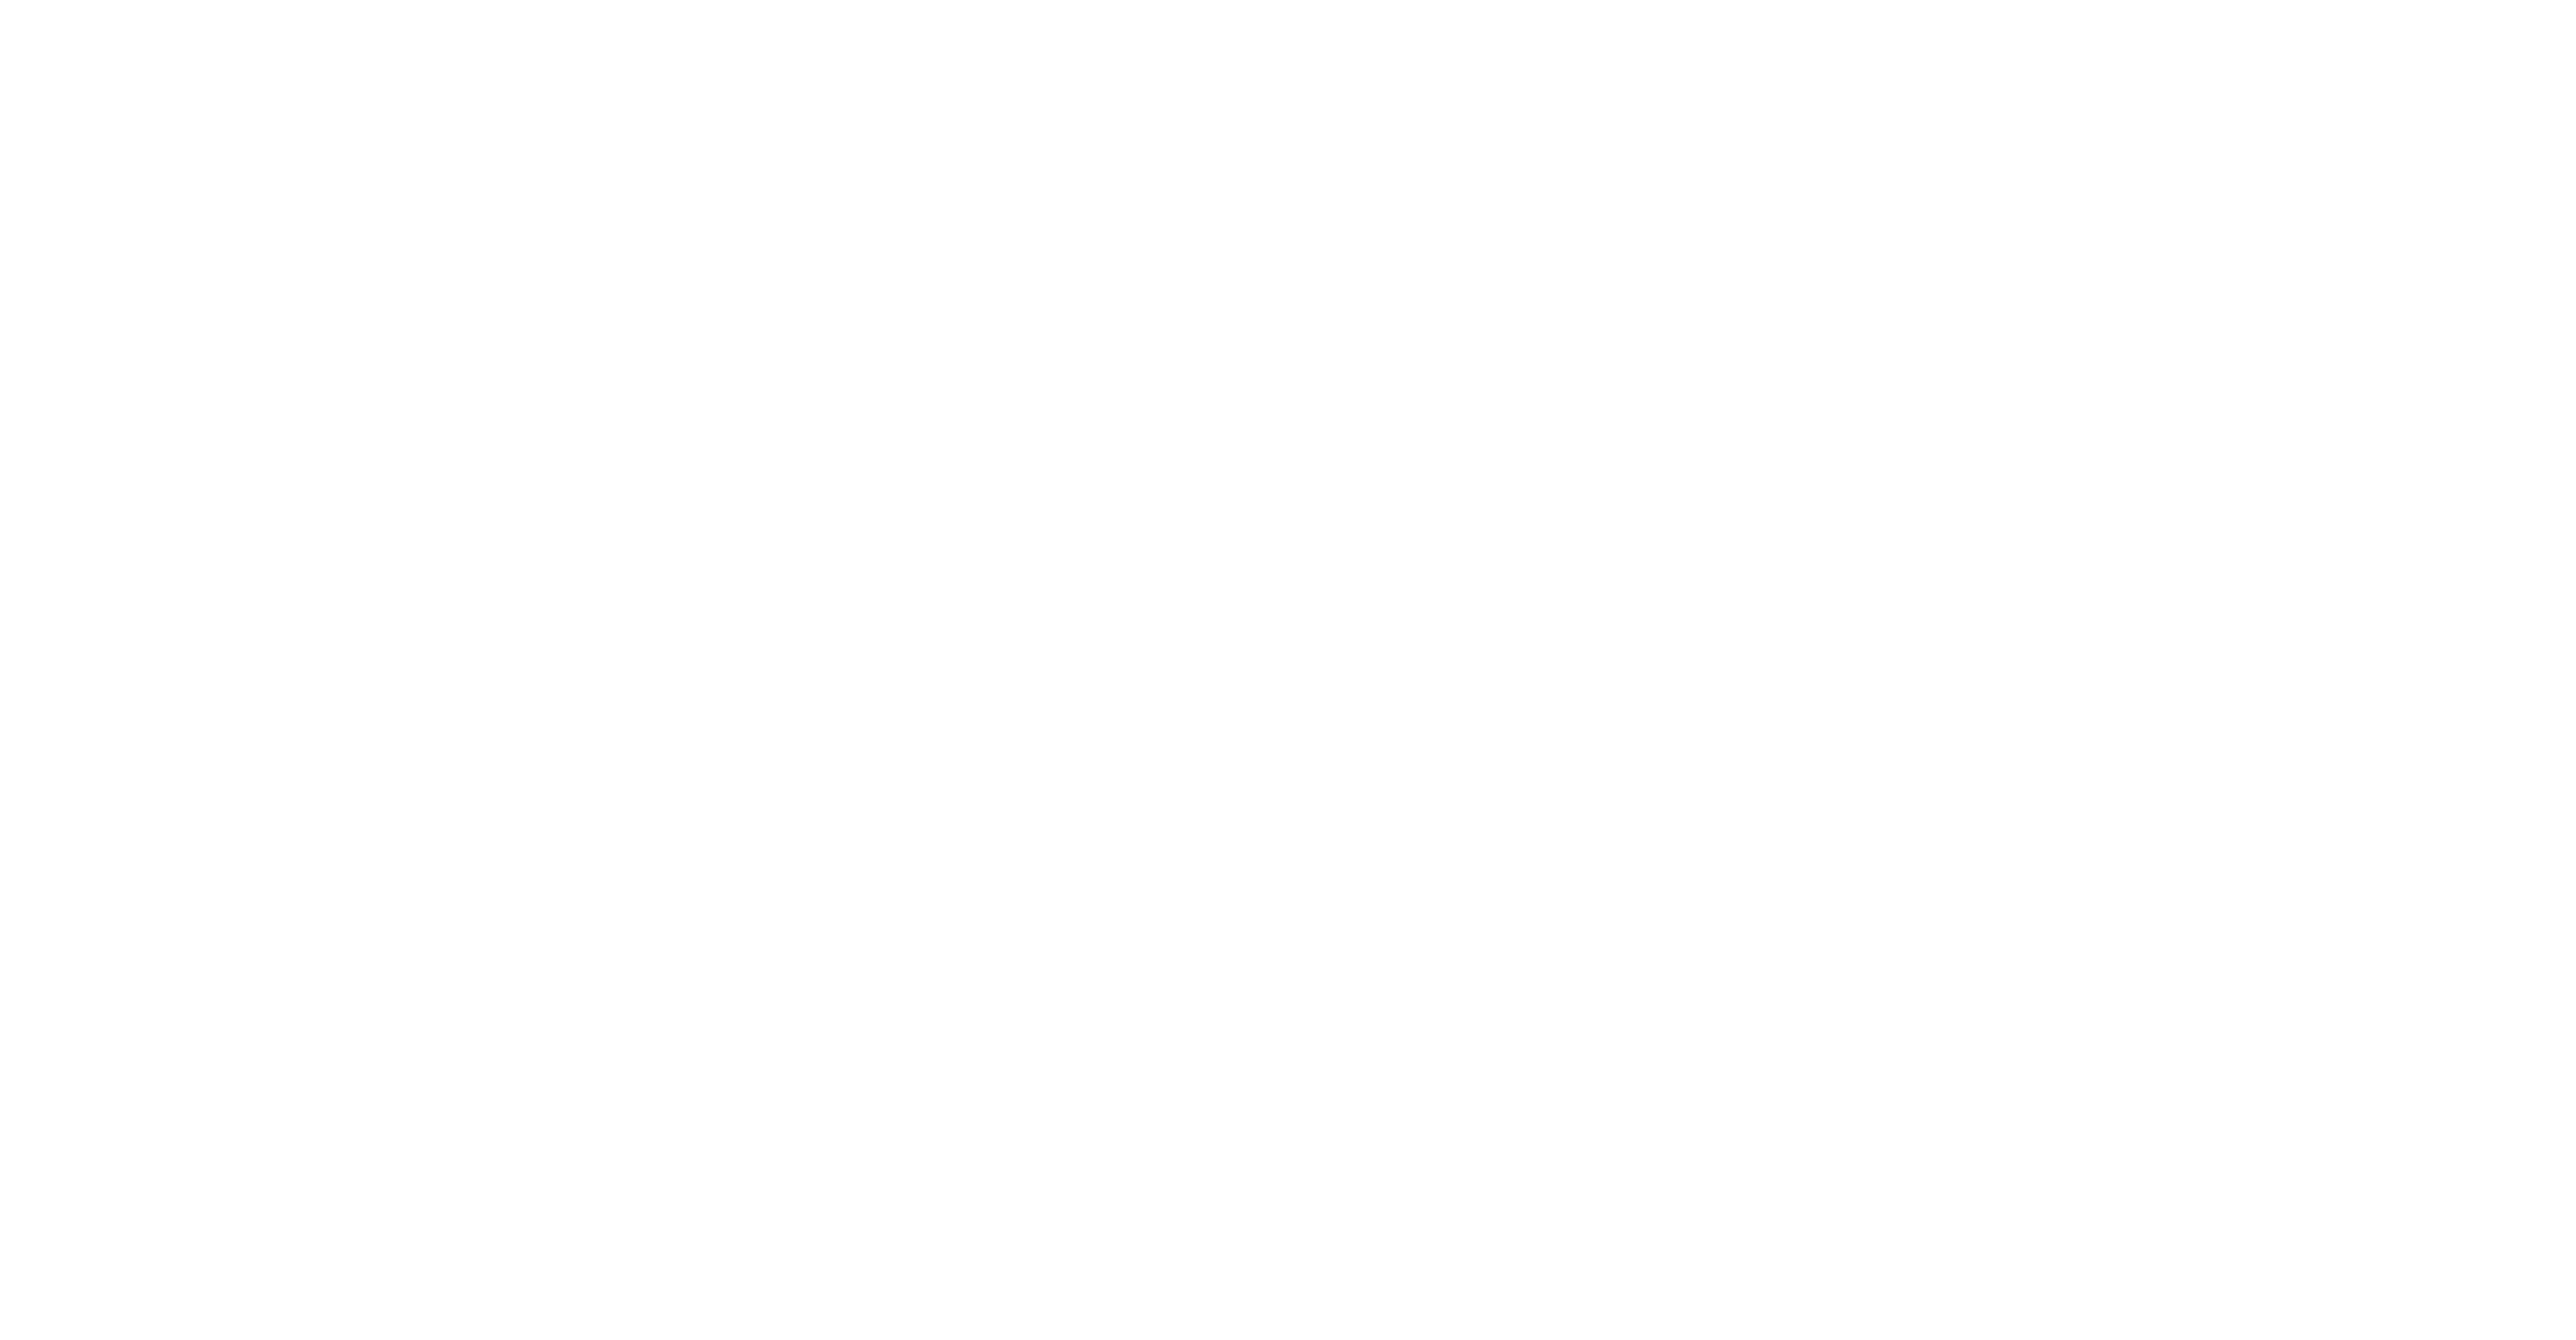 Dermatologista Porto Alegre | Dermatologista | Dermatologista em Porto Alegre